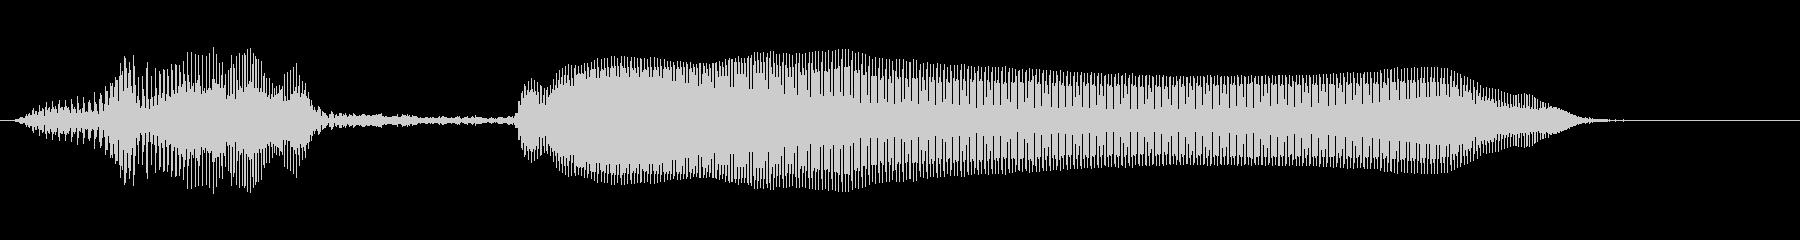 やっほーの未再生の波形